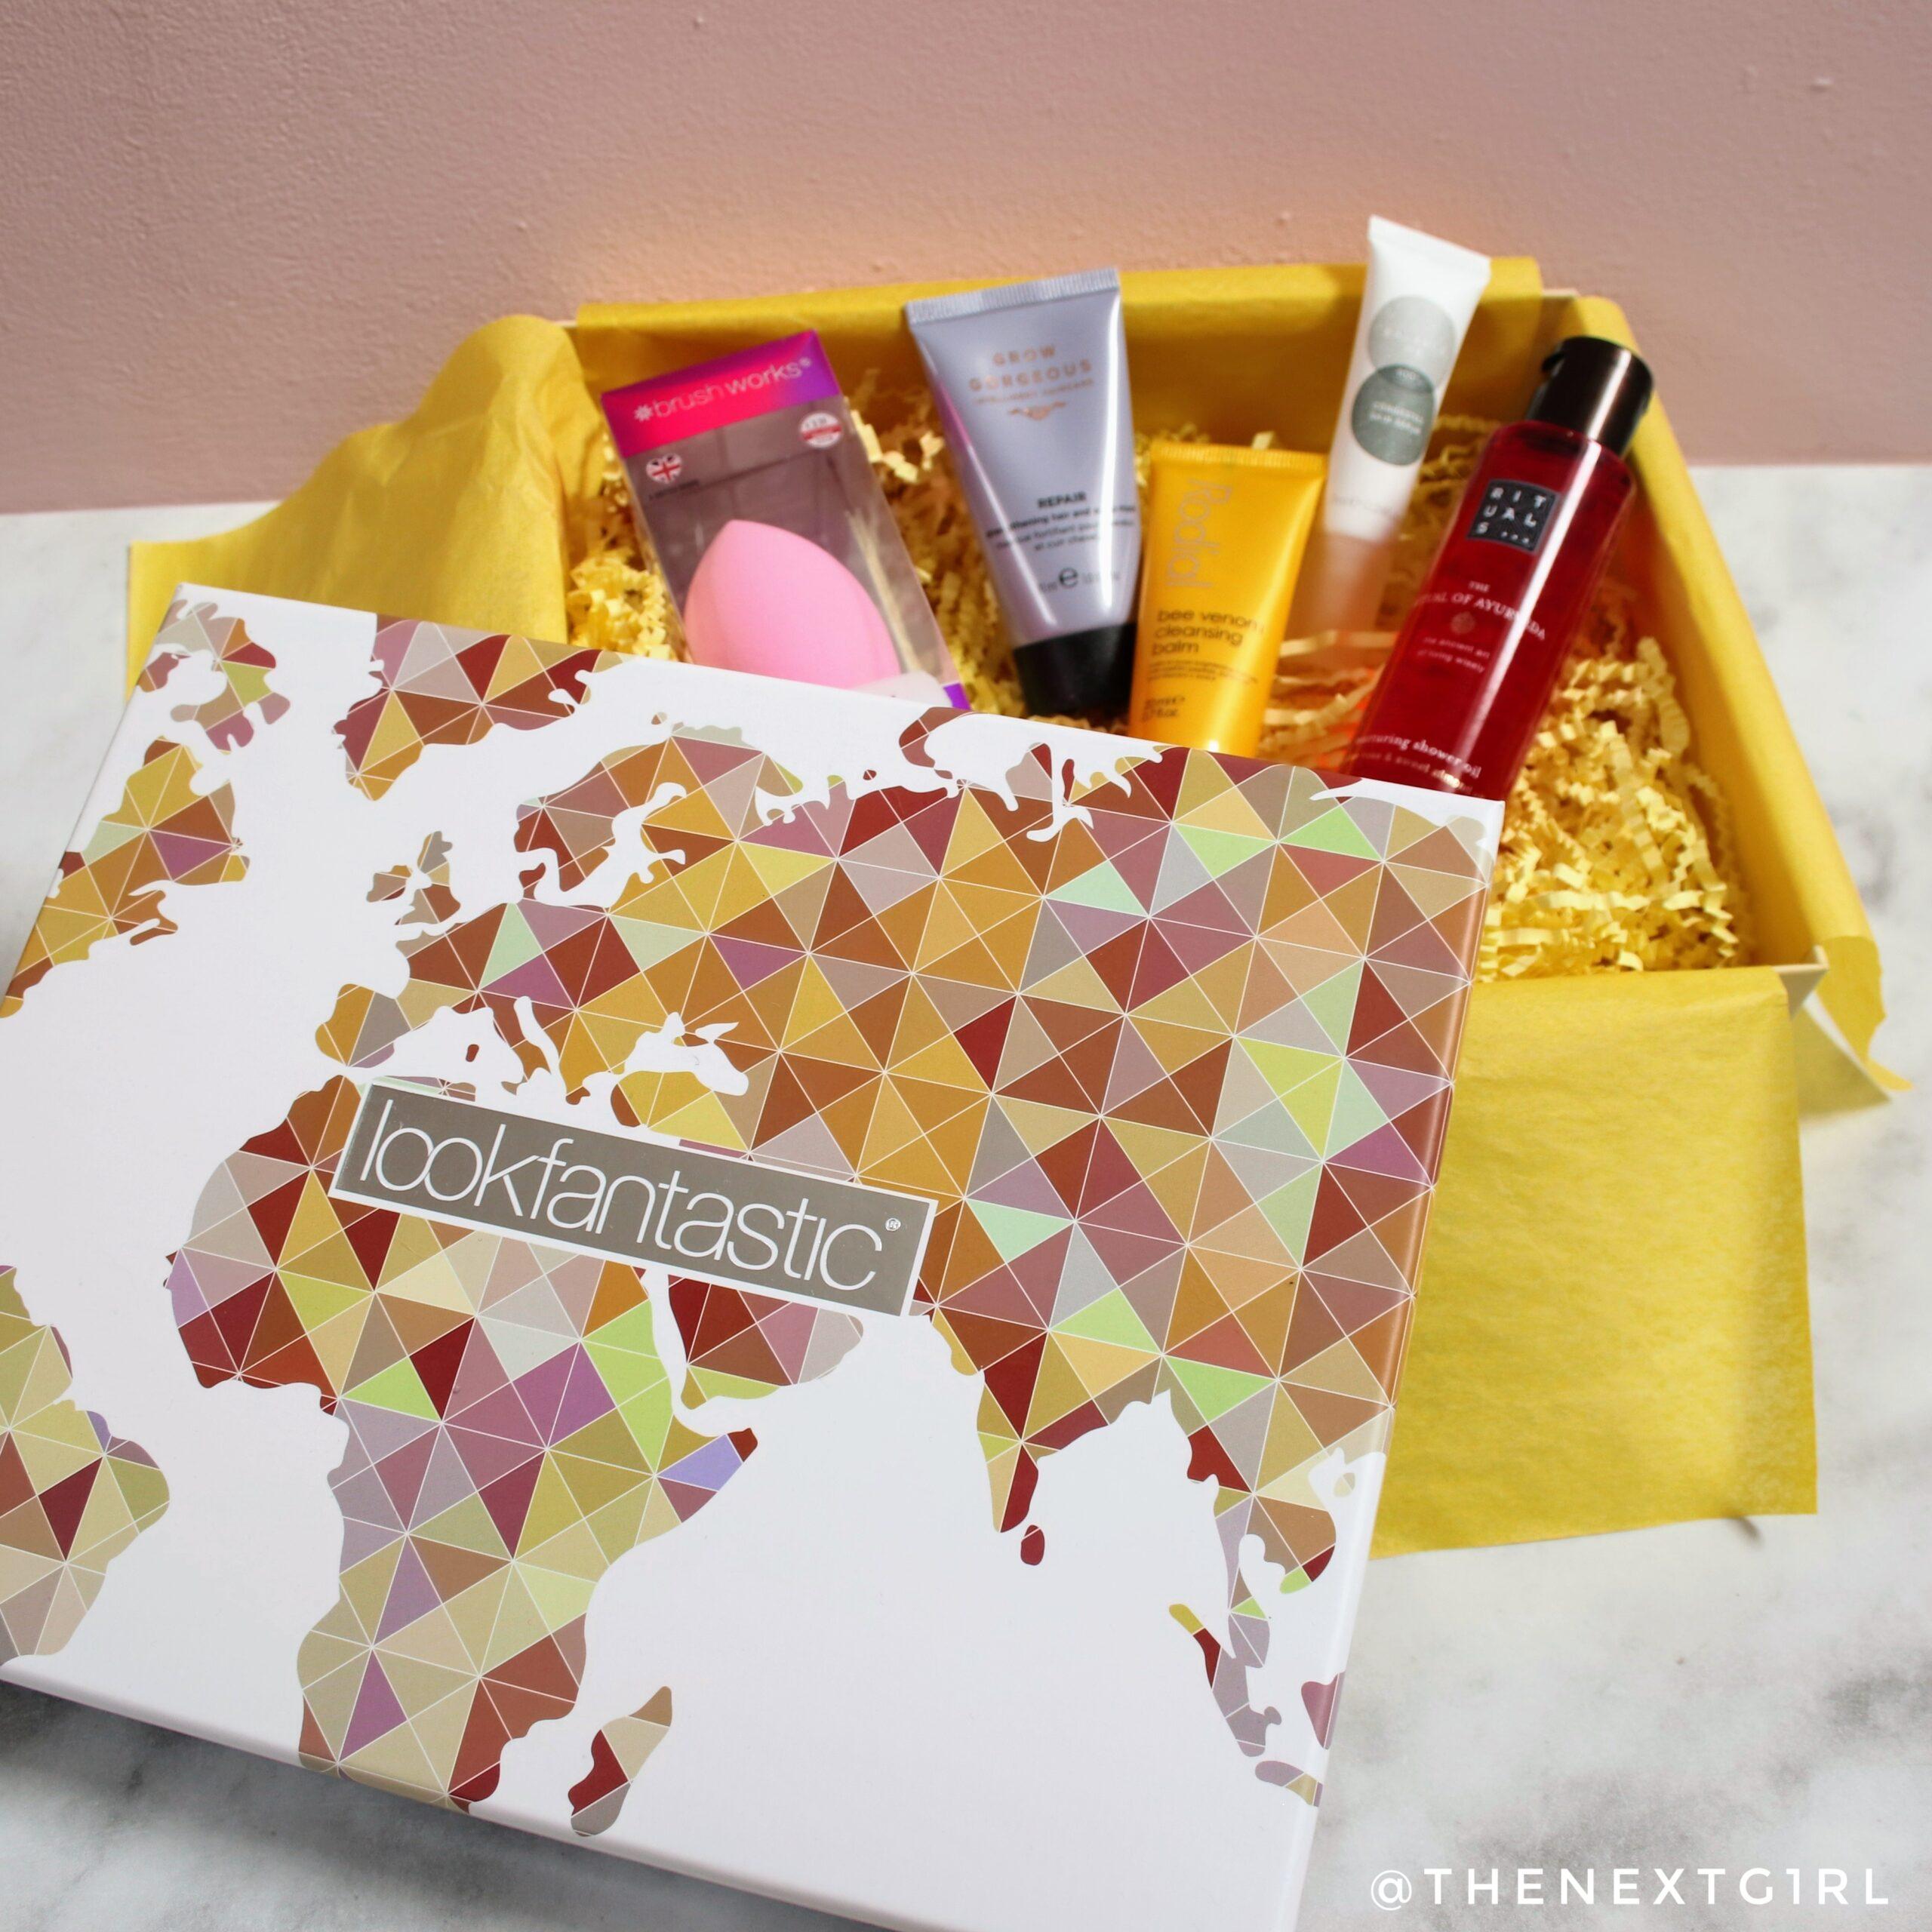 Lookfantastic beautybox 2008 mystery box inhoud